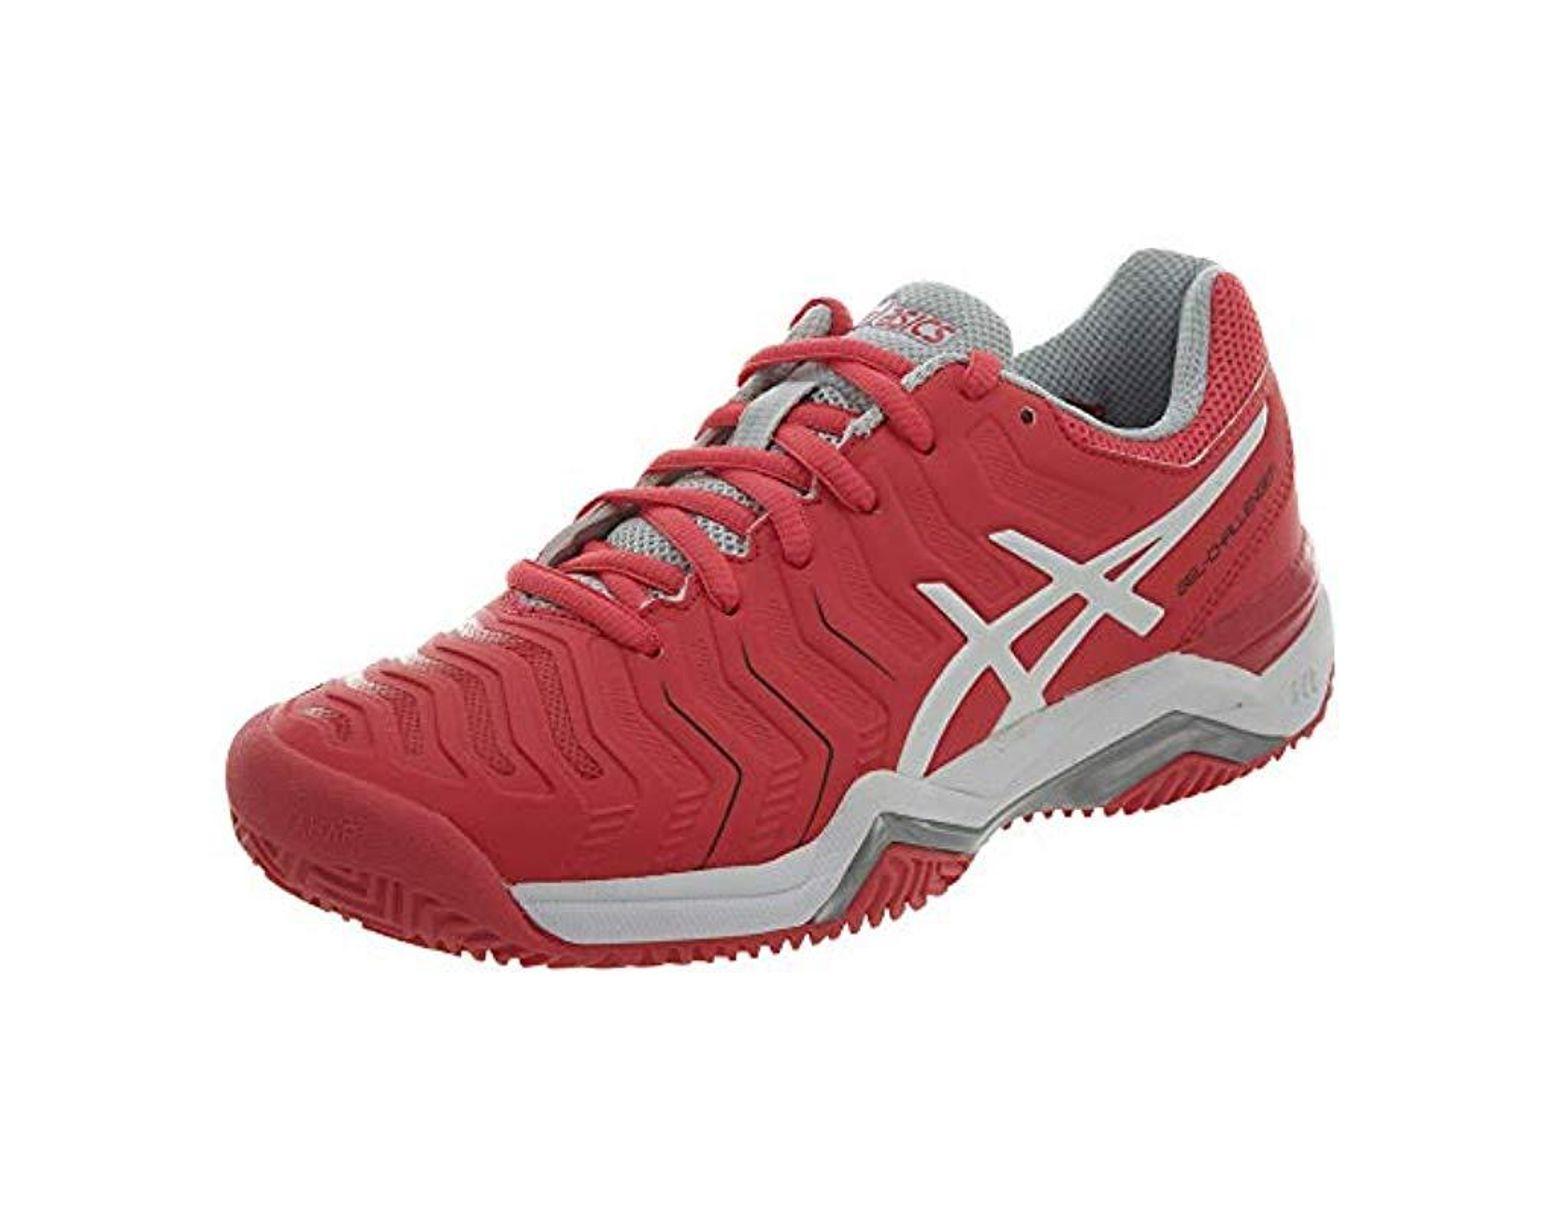 scegli il più recente imballaggio forte goditi la spedizione in omaggio Women's Red Trainers Moda Per Donna 6.5 Media Degli Stati Uniti